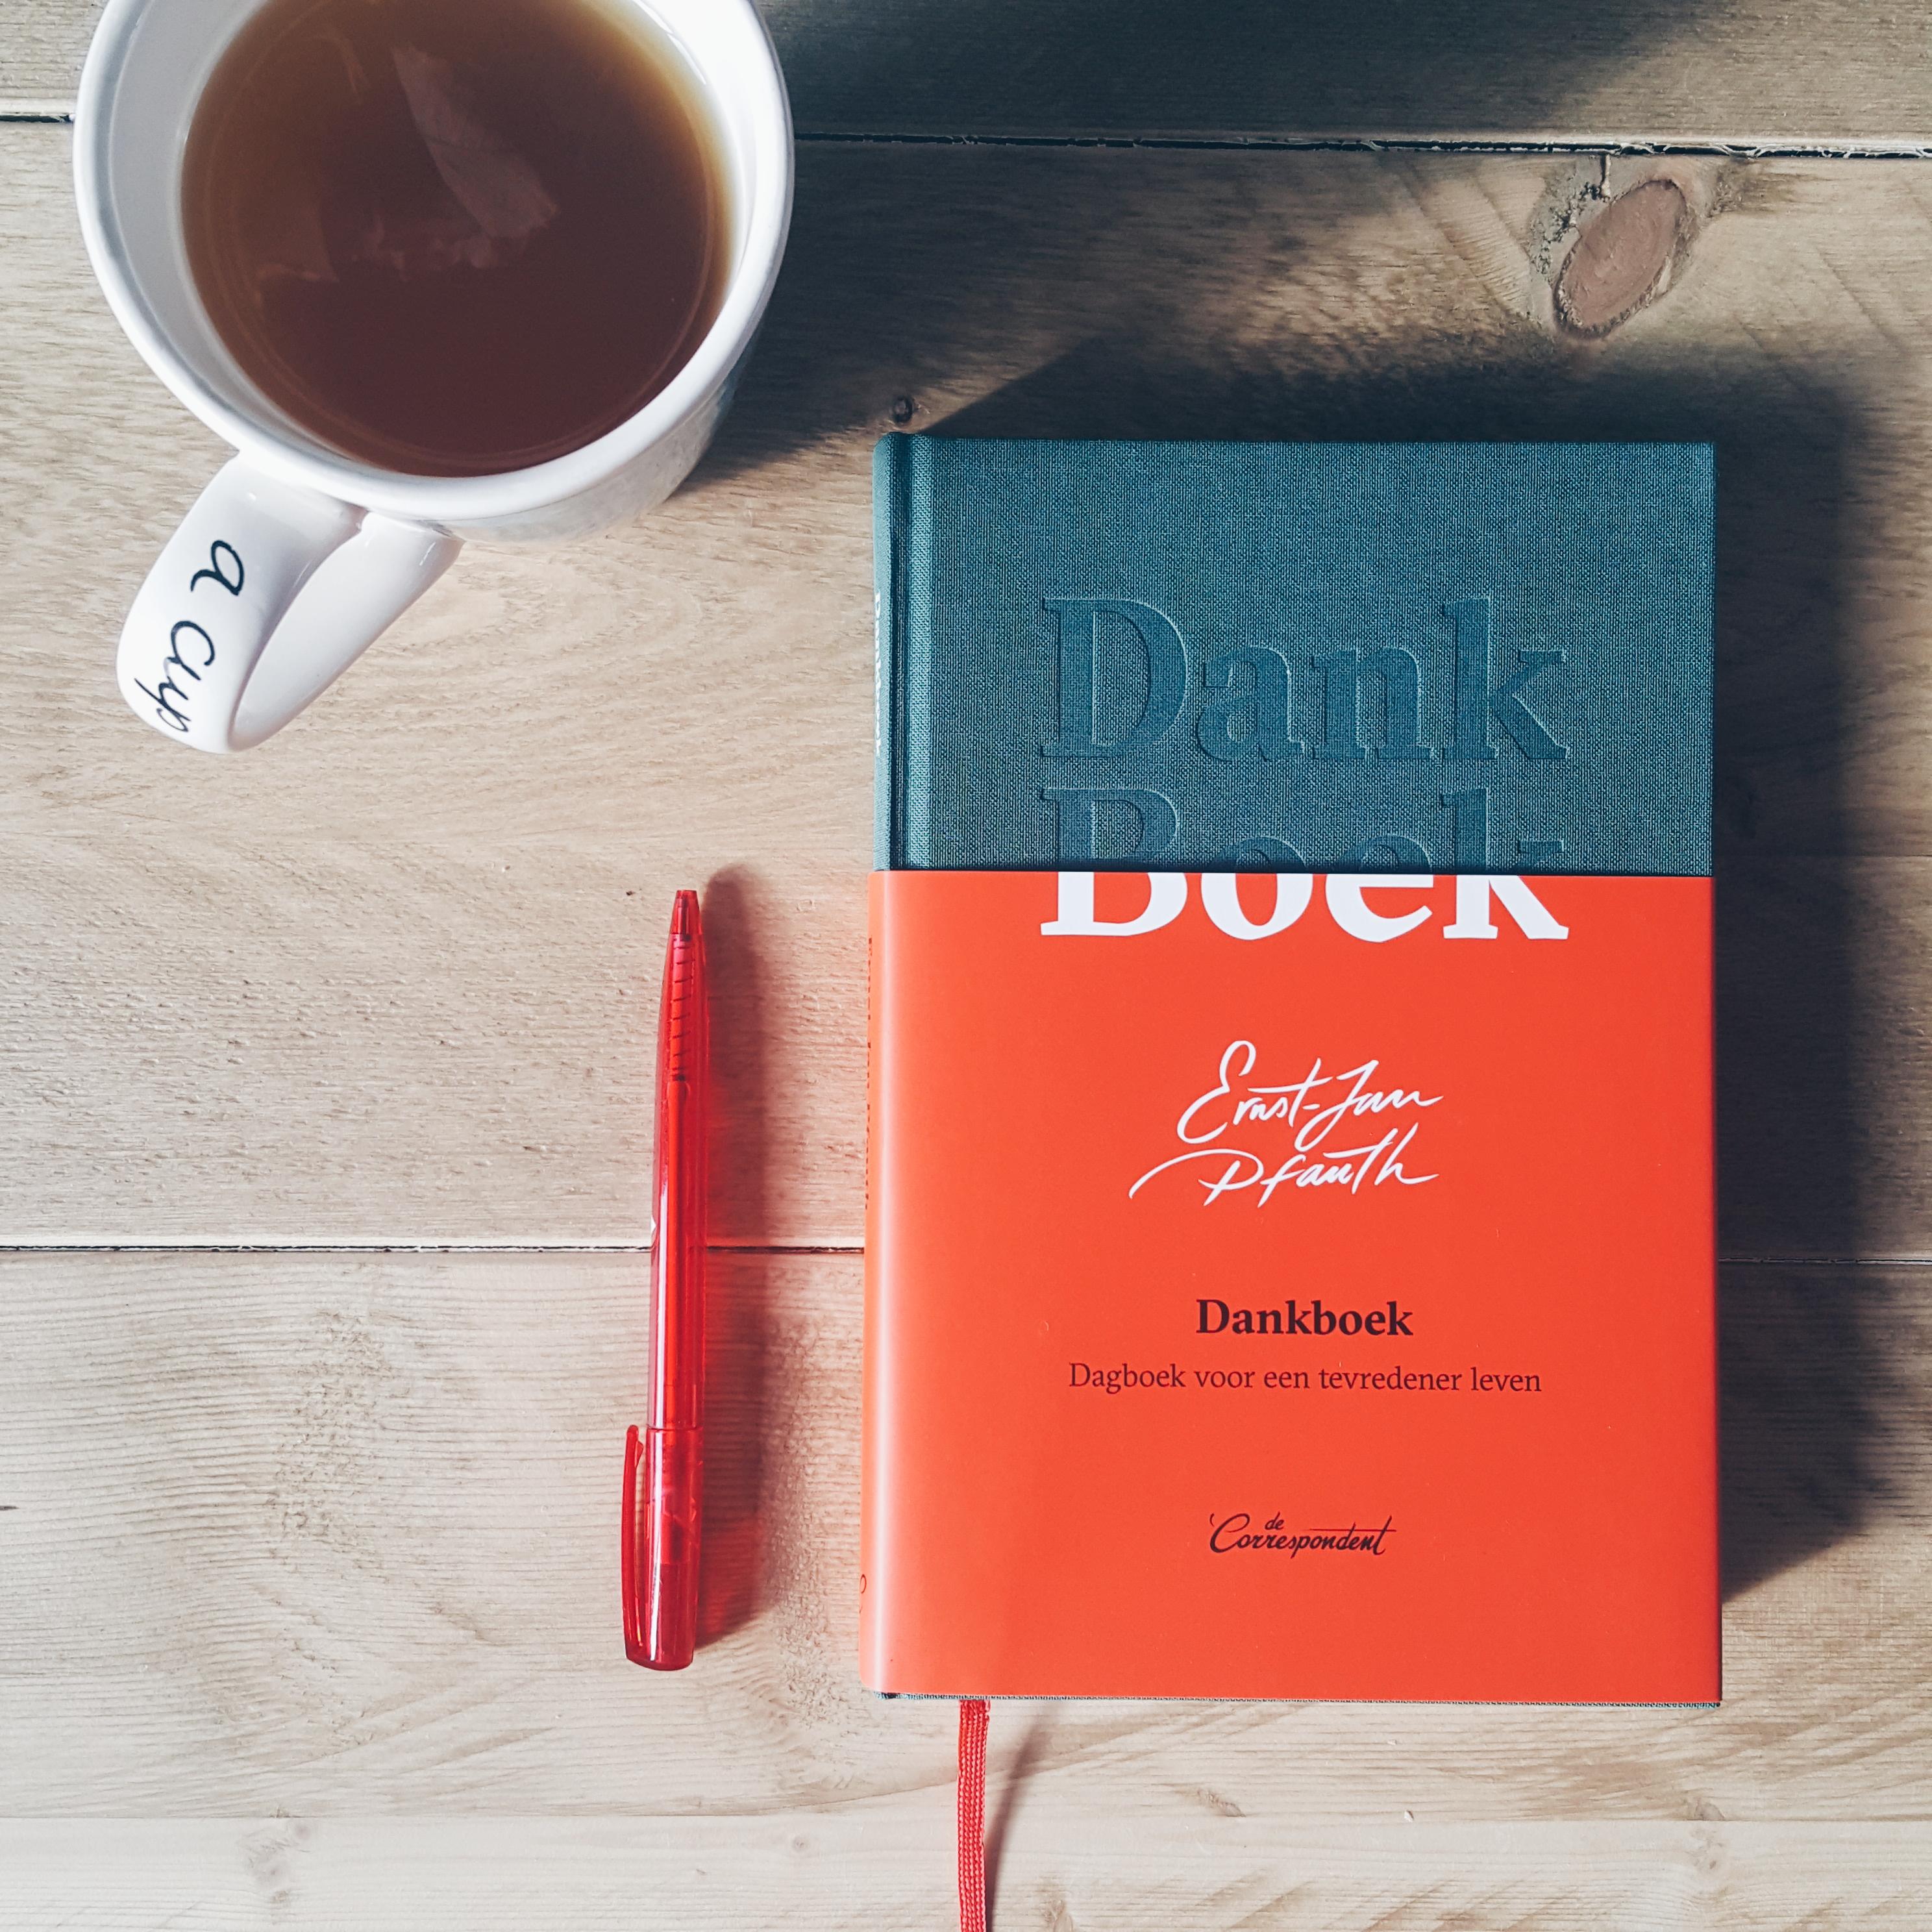 Dankboek – Haal meer voldoening uit je leven